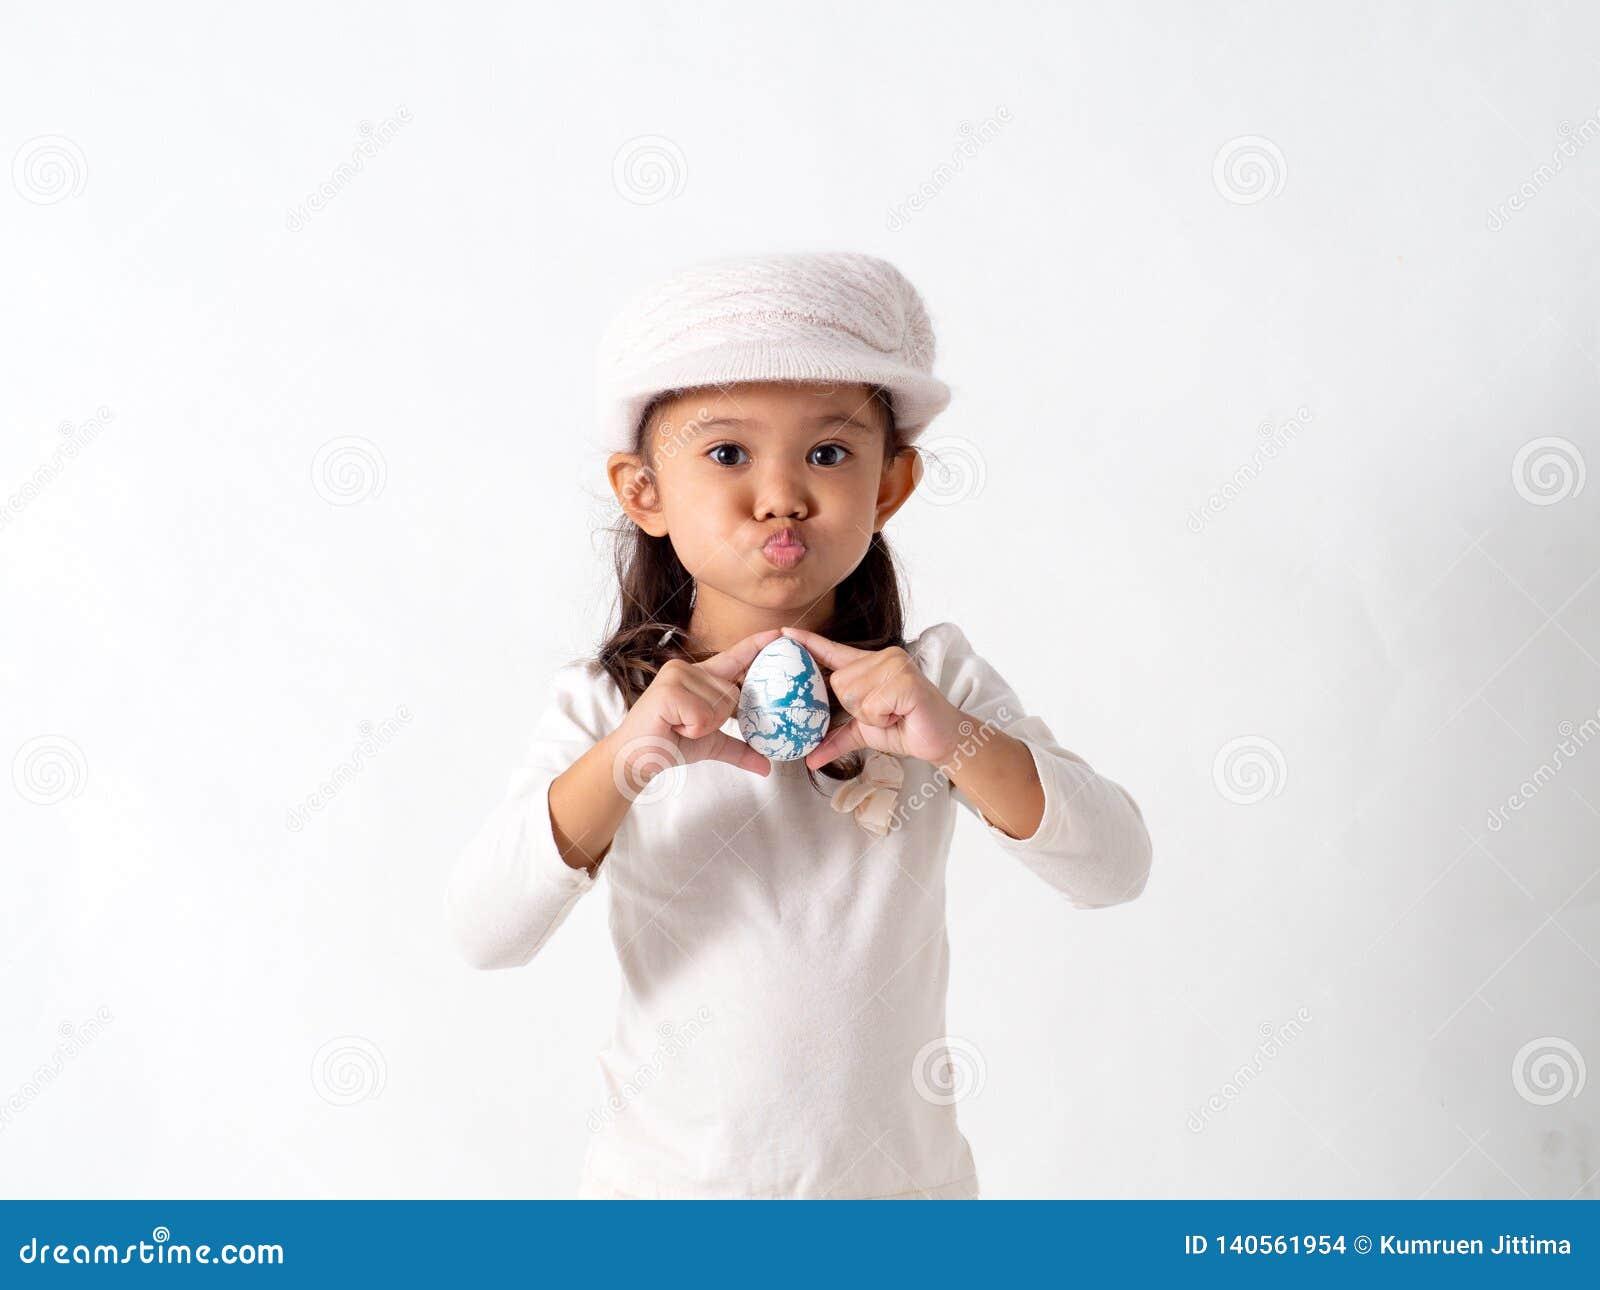 girl holds an Easter egg